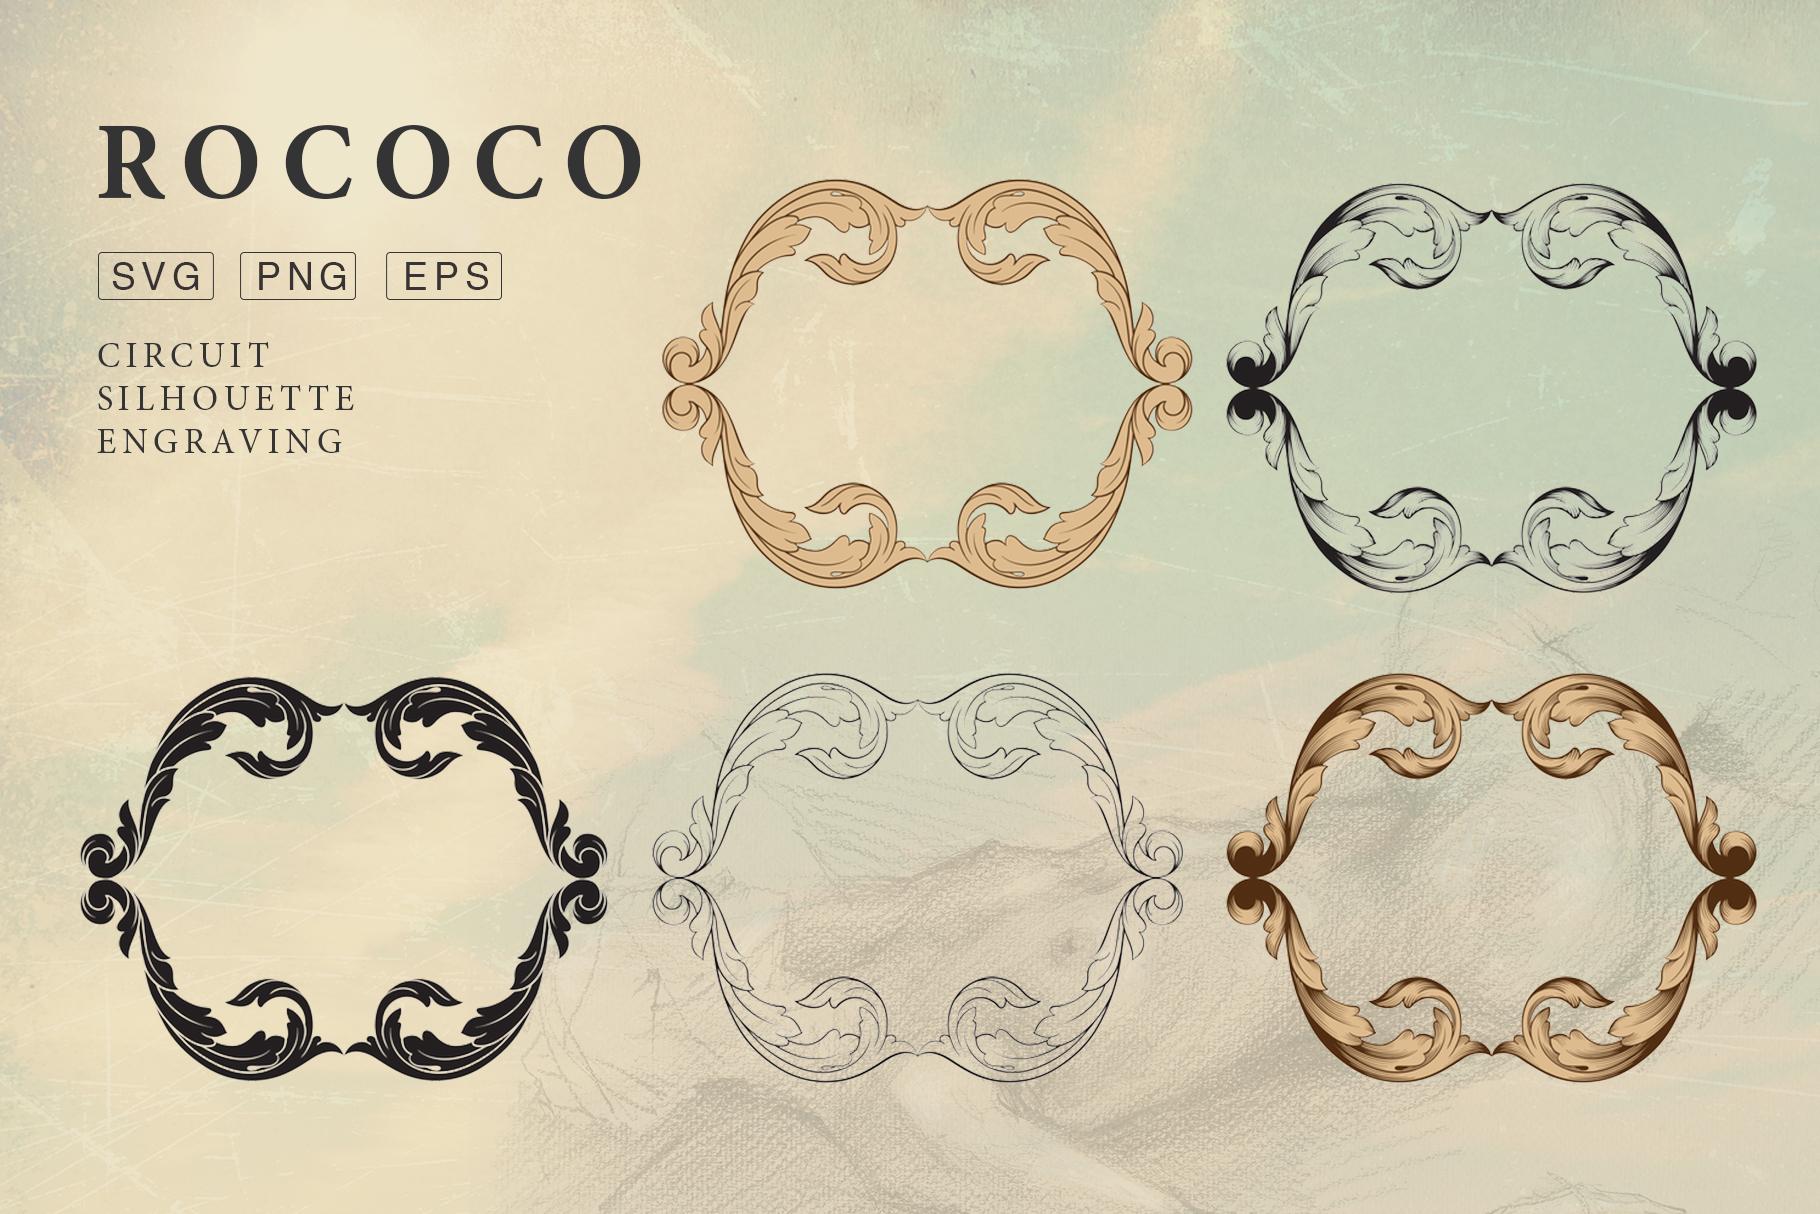 Rococo Romance Ornament page decor example image 11